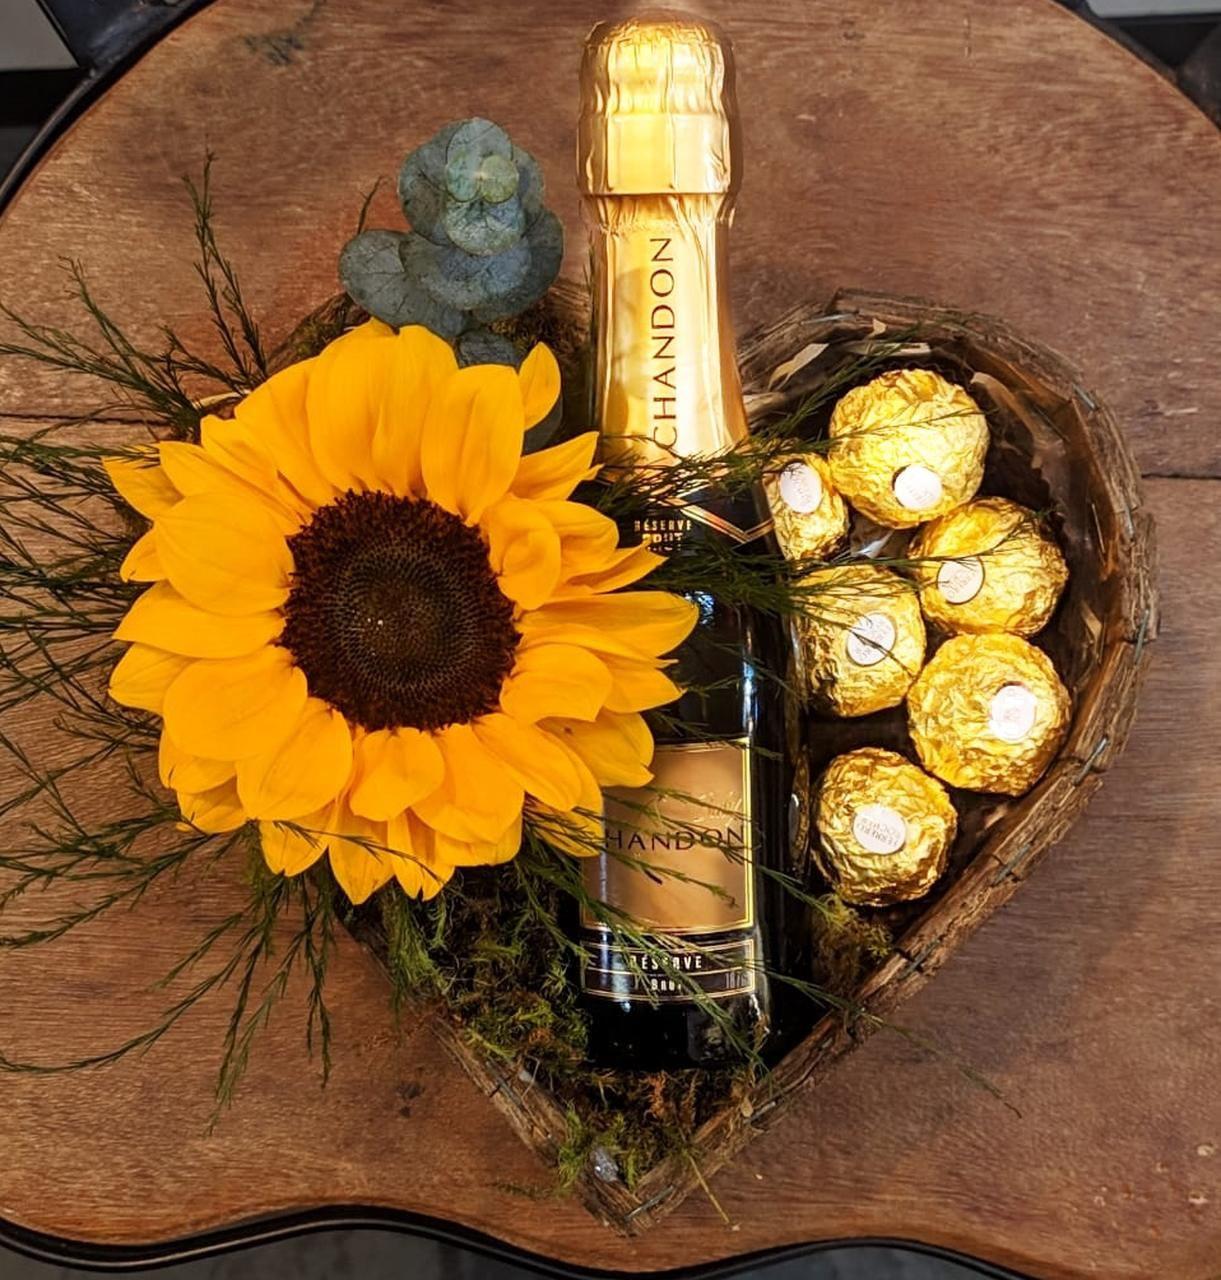 Arranjo de girassol com chocolates - Entrega em BH